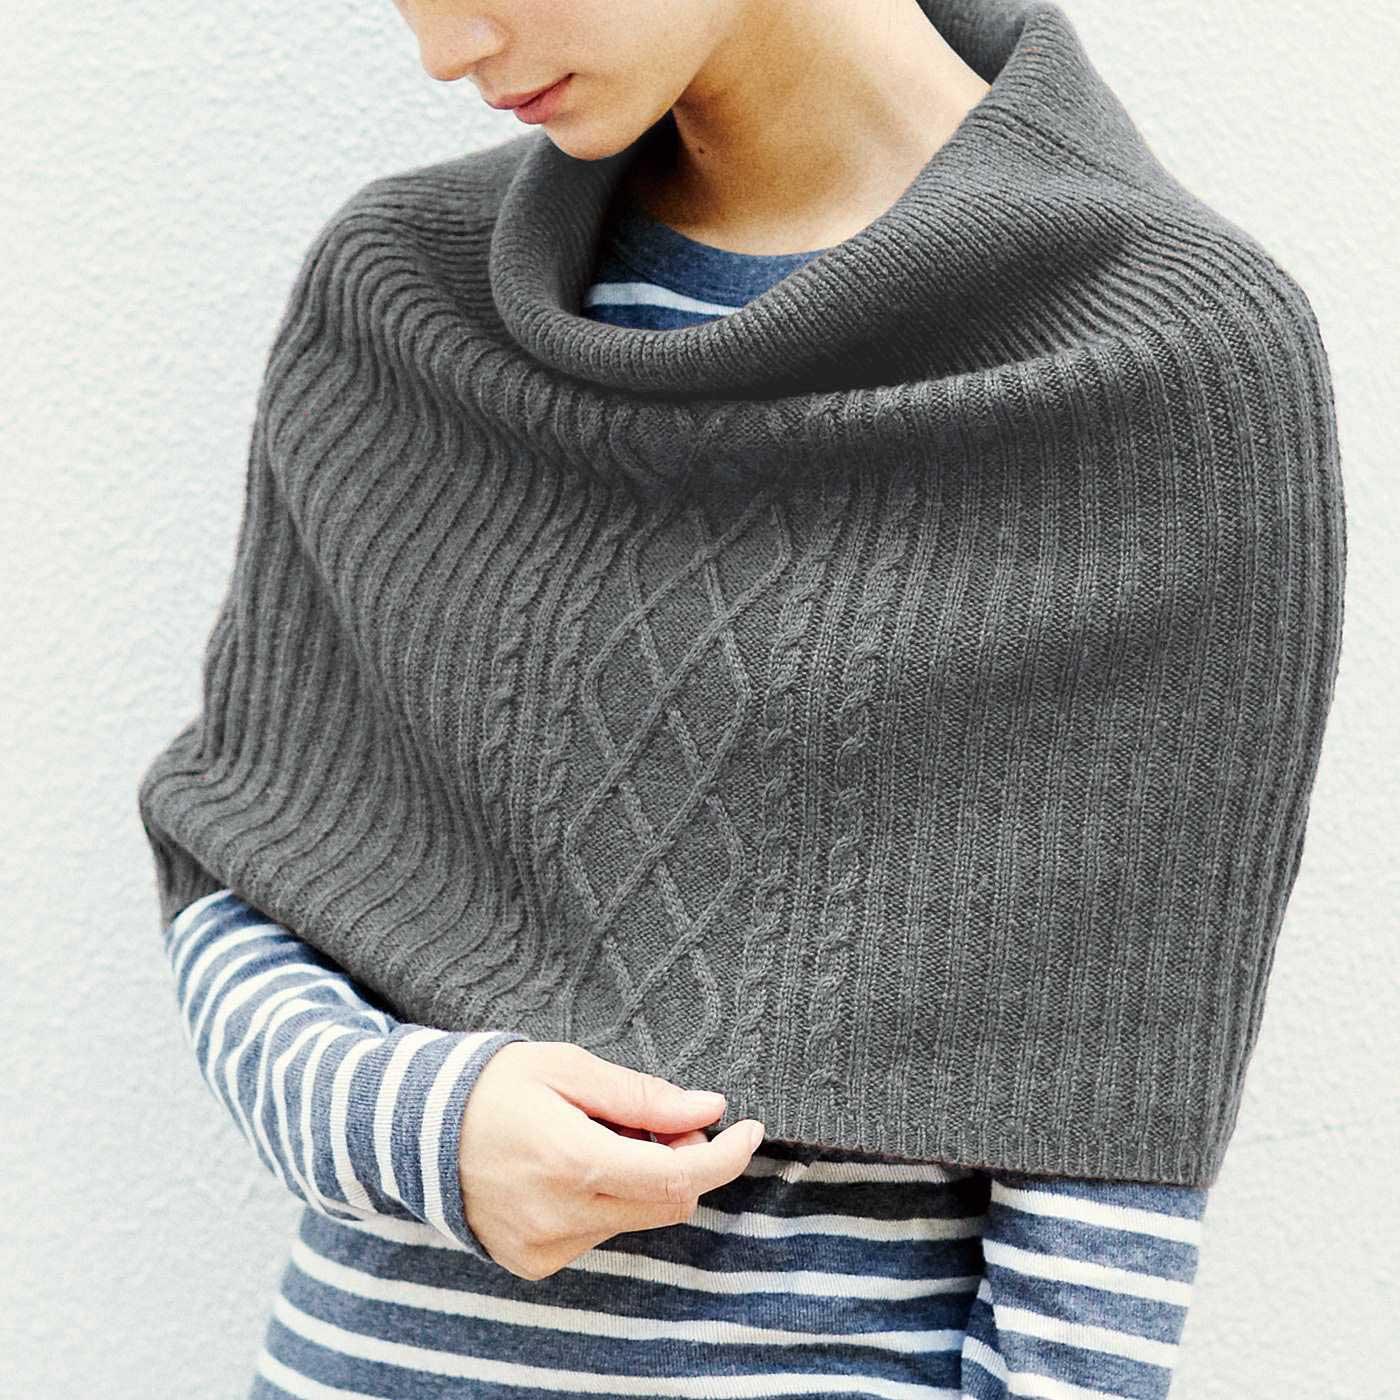 ケーブル編みで視線を上半身に持ってくることで、すらり見せの視覚効果も。